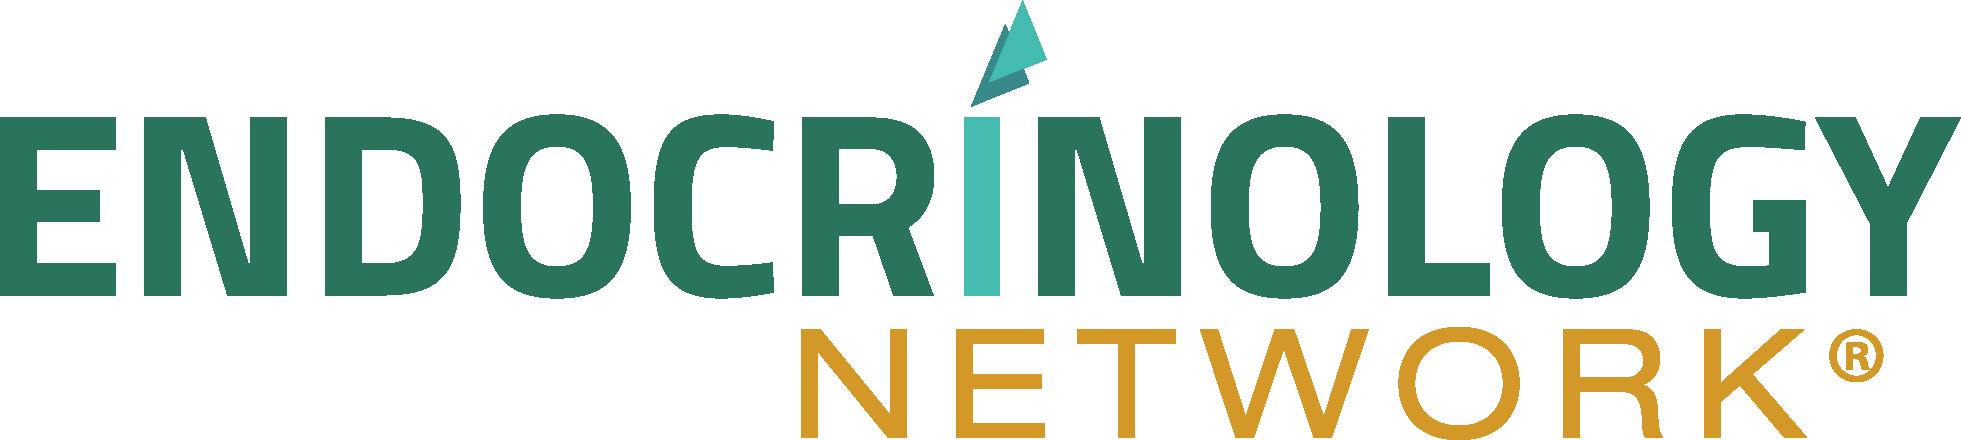 Endocrinology Network logo